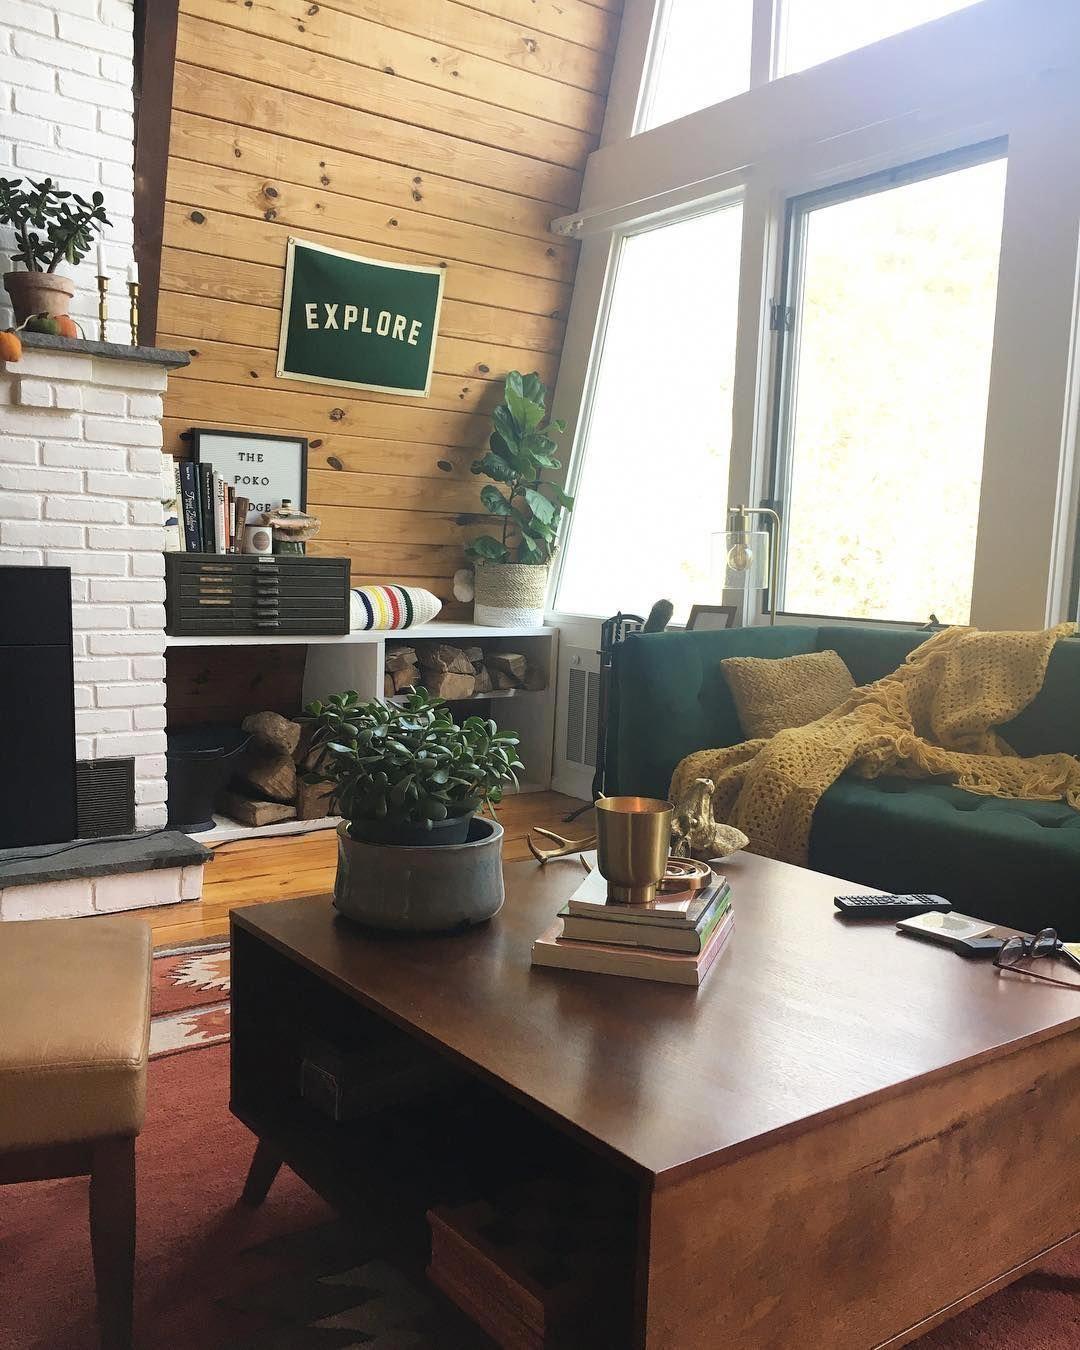 Best interior design websites homedecoration tideas also decor rh pinterest